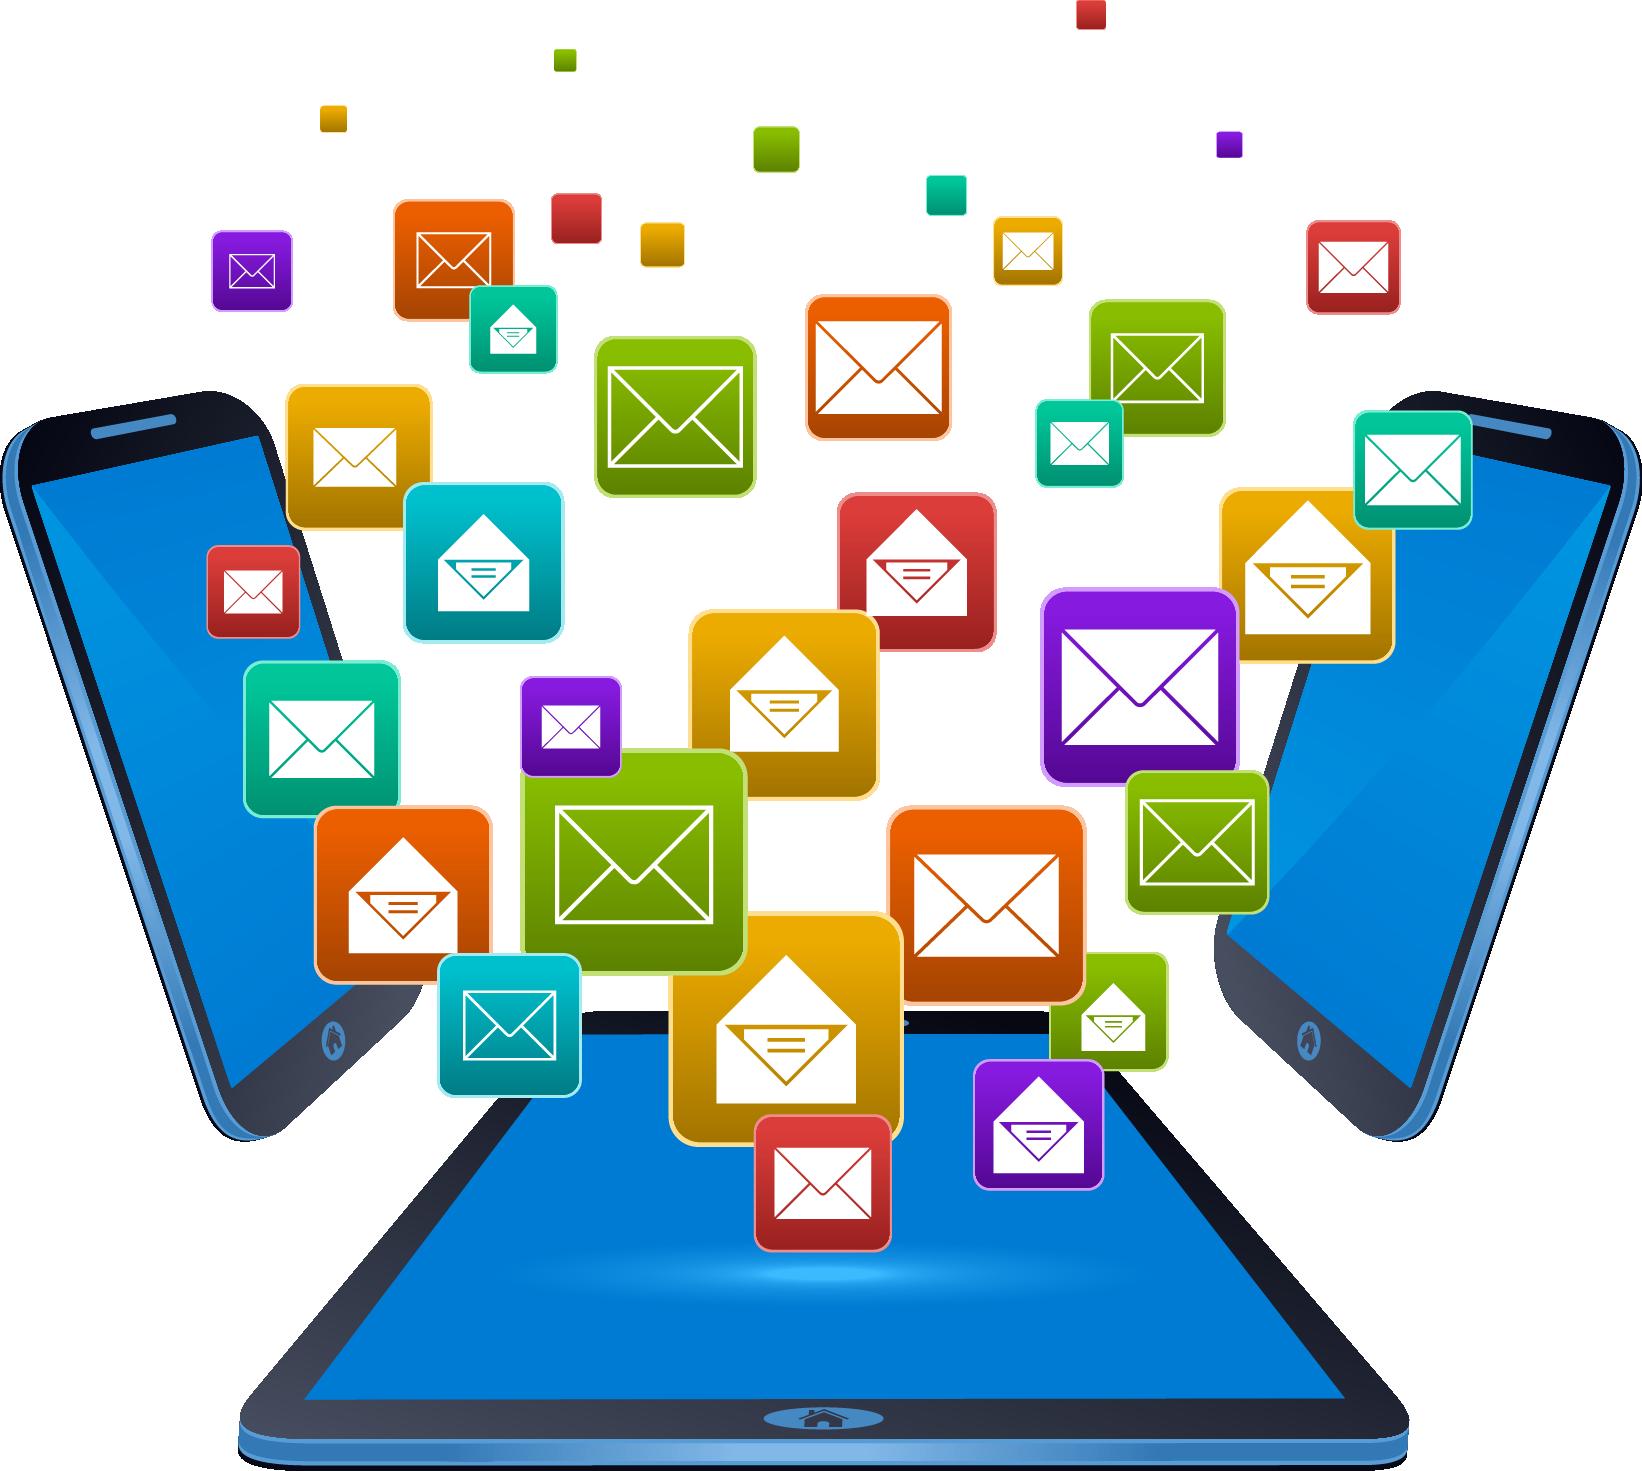 अभिकर्ताले लाइसेन्स सम्बन्धी जानकारी अब SMS बाटै पाउने